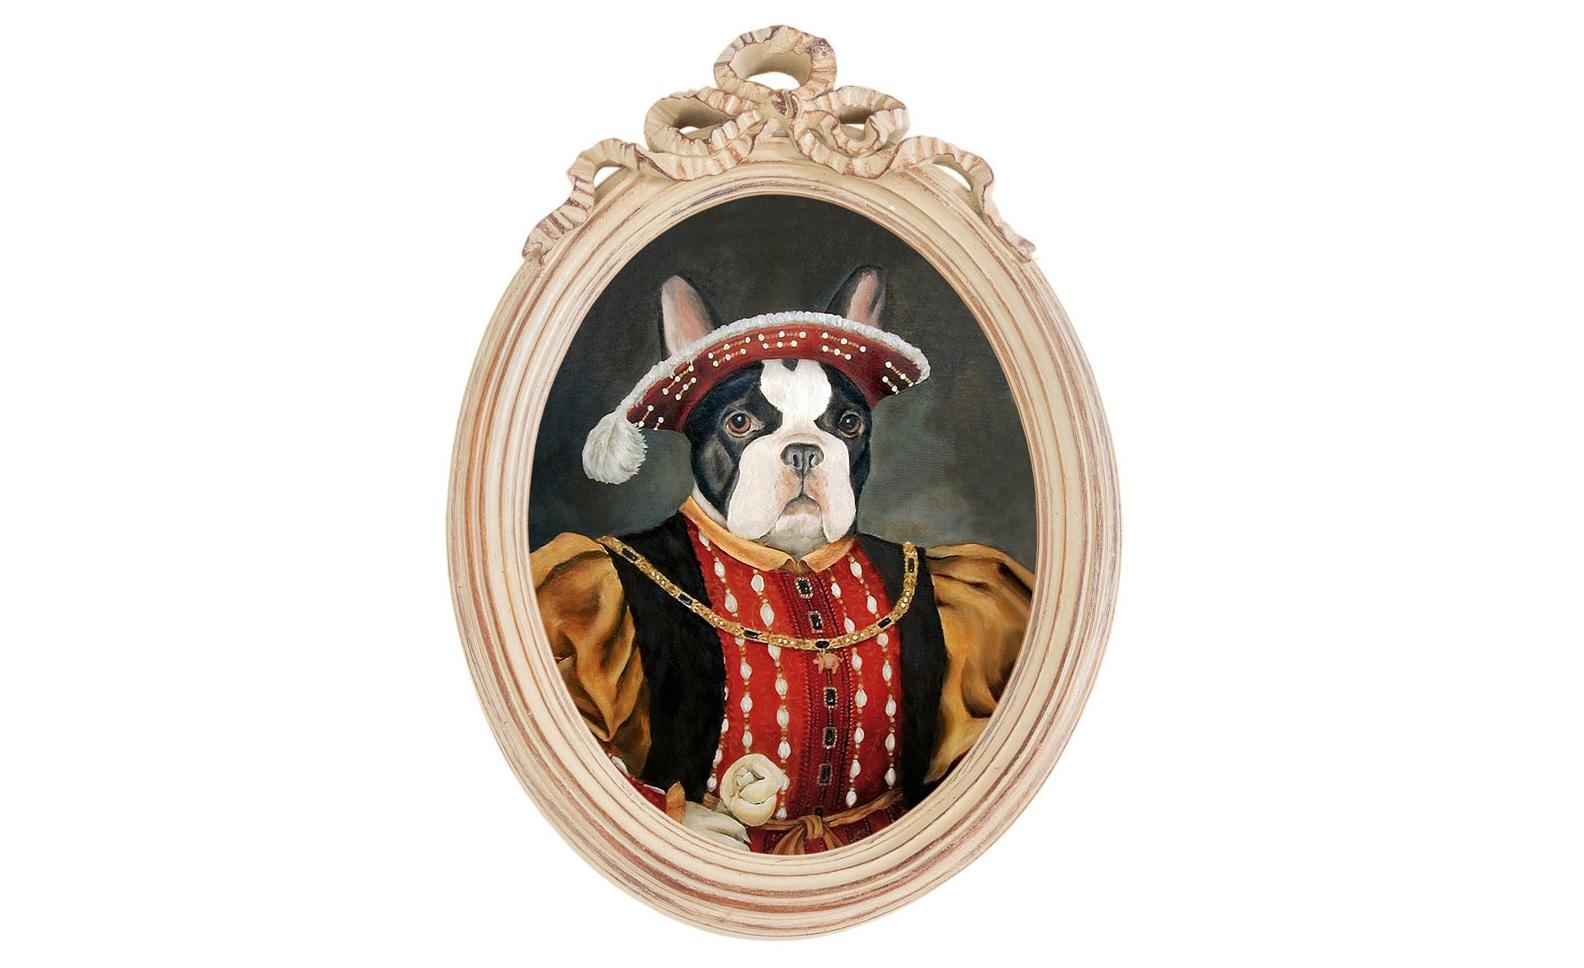 Репродукция гравюры Музейный экспонат, версия 45Картины<br>Прототипом персонажа &amp;quot;Музейный экспонат&amp;quot; (версия 45) послужил портрет Генриха VIII Тюдора - английского короля XVI века,  сына и наследника Генриха  VII (второго английского монарха из династии Тюдоров). Генрих VIII наиболее известен Английской Реформацией, превратившей англичан в протестантскую нацию. Король прославился также необычным для христианина числом браков, — у него было шесть жён. <br>Рама &amp;quot;Бернадетт&amp;quot; - счастливая встреча золотых столетий французской культуры.&amp;amp;nbsp;Искусная техника состаривания придает раме специфический уют и обаяние. Профессиональная печать на холсте детально передает каждое движение кисти художника. Удобное крепление рамы позволит без труда разместить её на стене.&amp;lt;div&amp;gt;&amp;lt;br&amp;gt;&amp;lt;/div&amp;gt;&amp;lt;div&amp;gt;Материал рамы - полистоун. Репродукция отпечатана на холсте.&amp;lt;/div&amp;gt;<br><br>Material: Холст<br>Ширина см: 30.5<br>Высота см: 43.0<br>Глубина см: 4.0